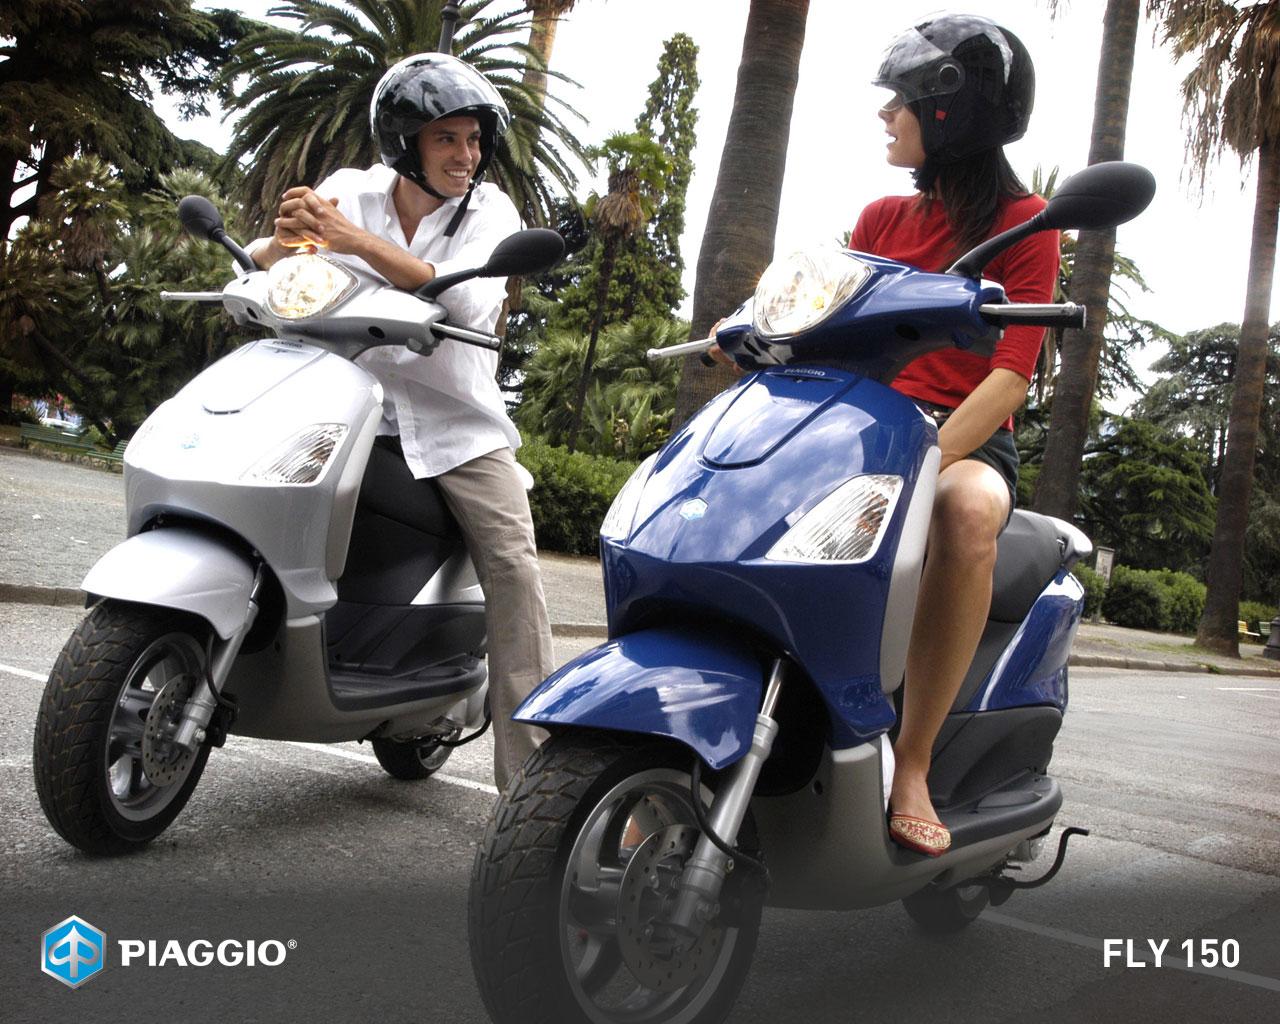 piaggio fly 150 specs - 2010, 2011 - autoevolution